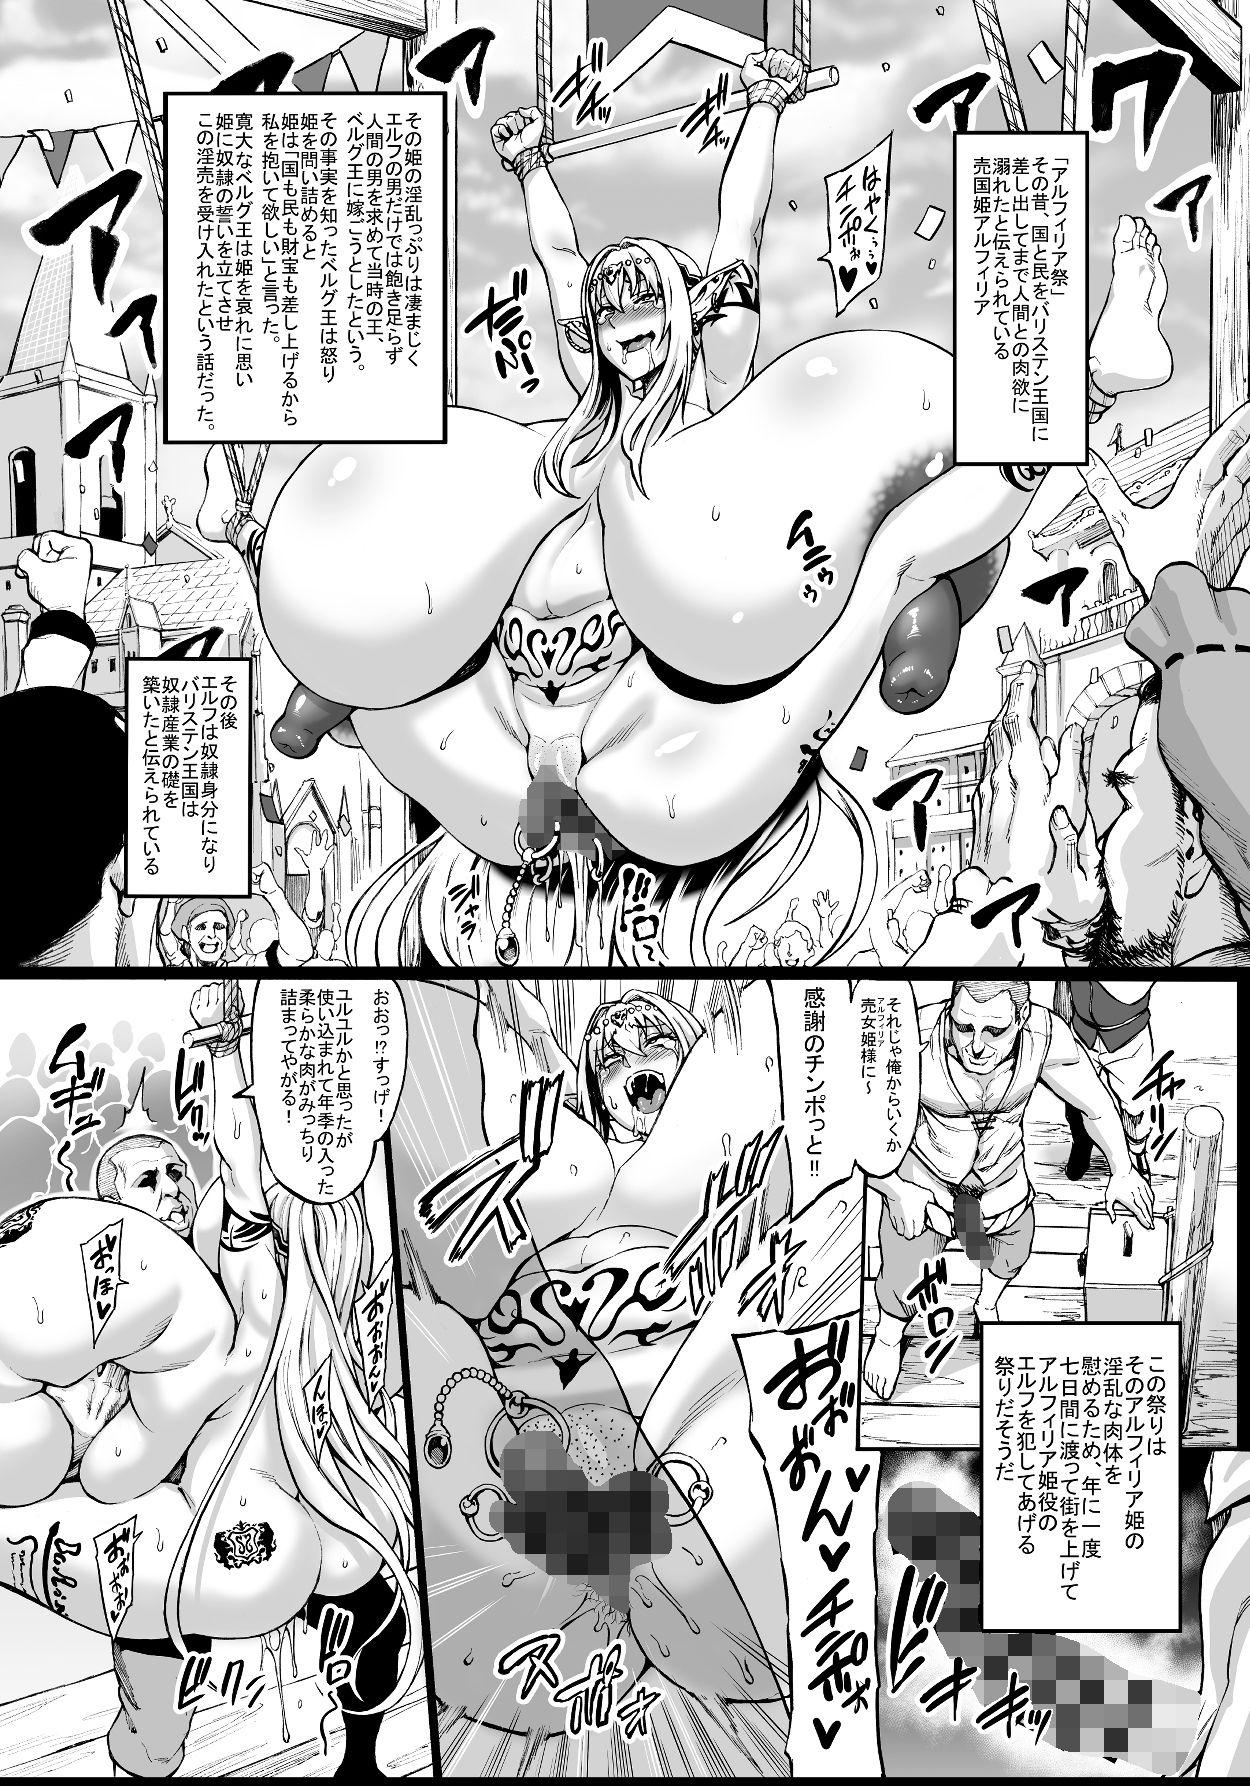 【超乳】豊穣の隷属エルフ5